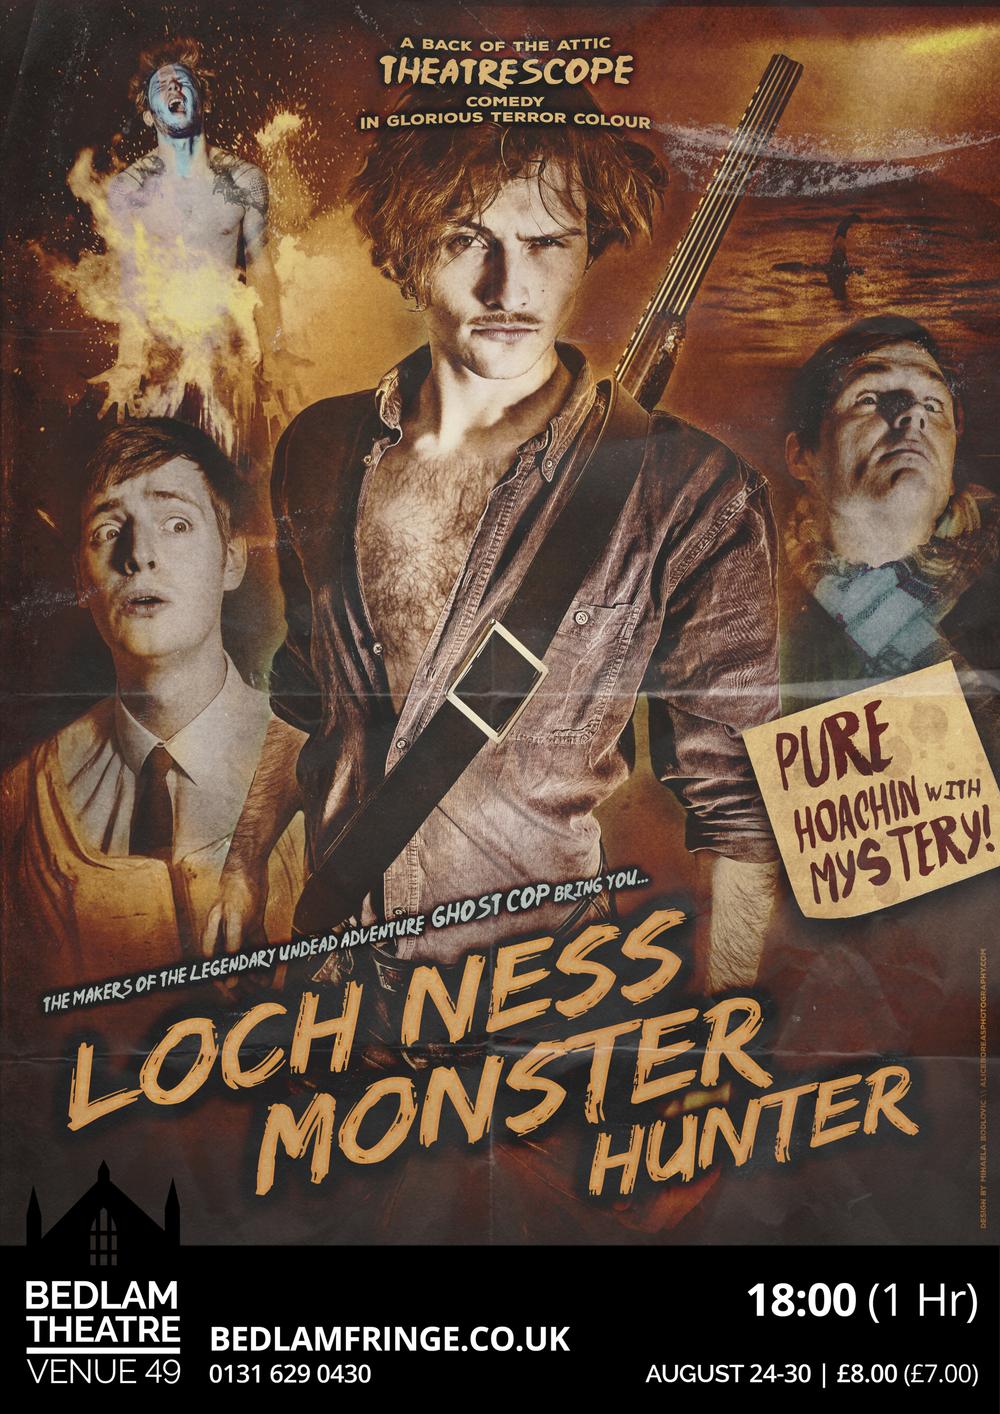 Loch Ness Monster Hunter Poster. Design by Mihaela Bodlovic: http://www.aliceboreasphotography.com/